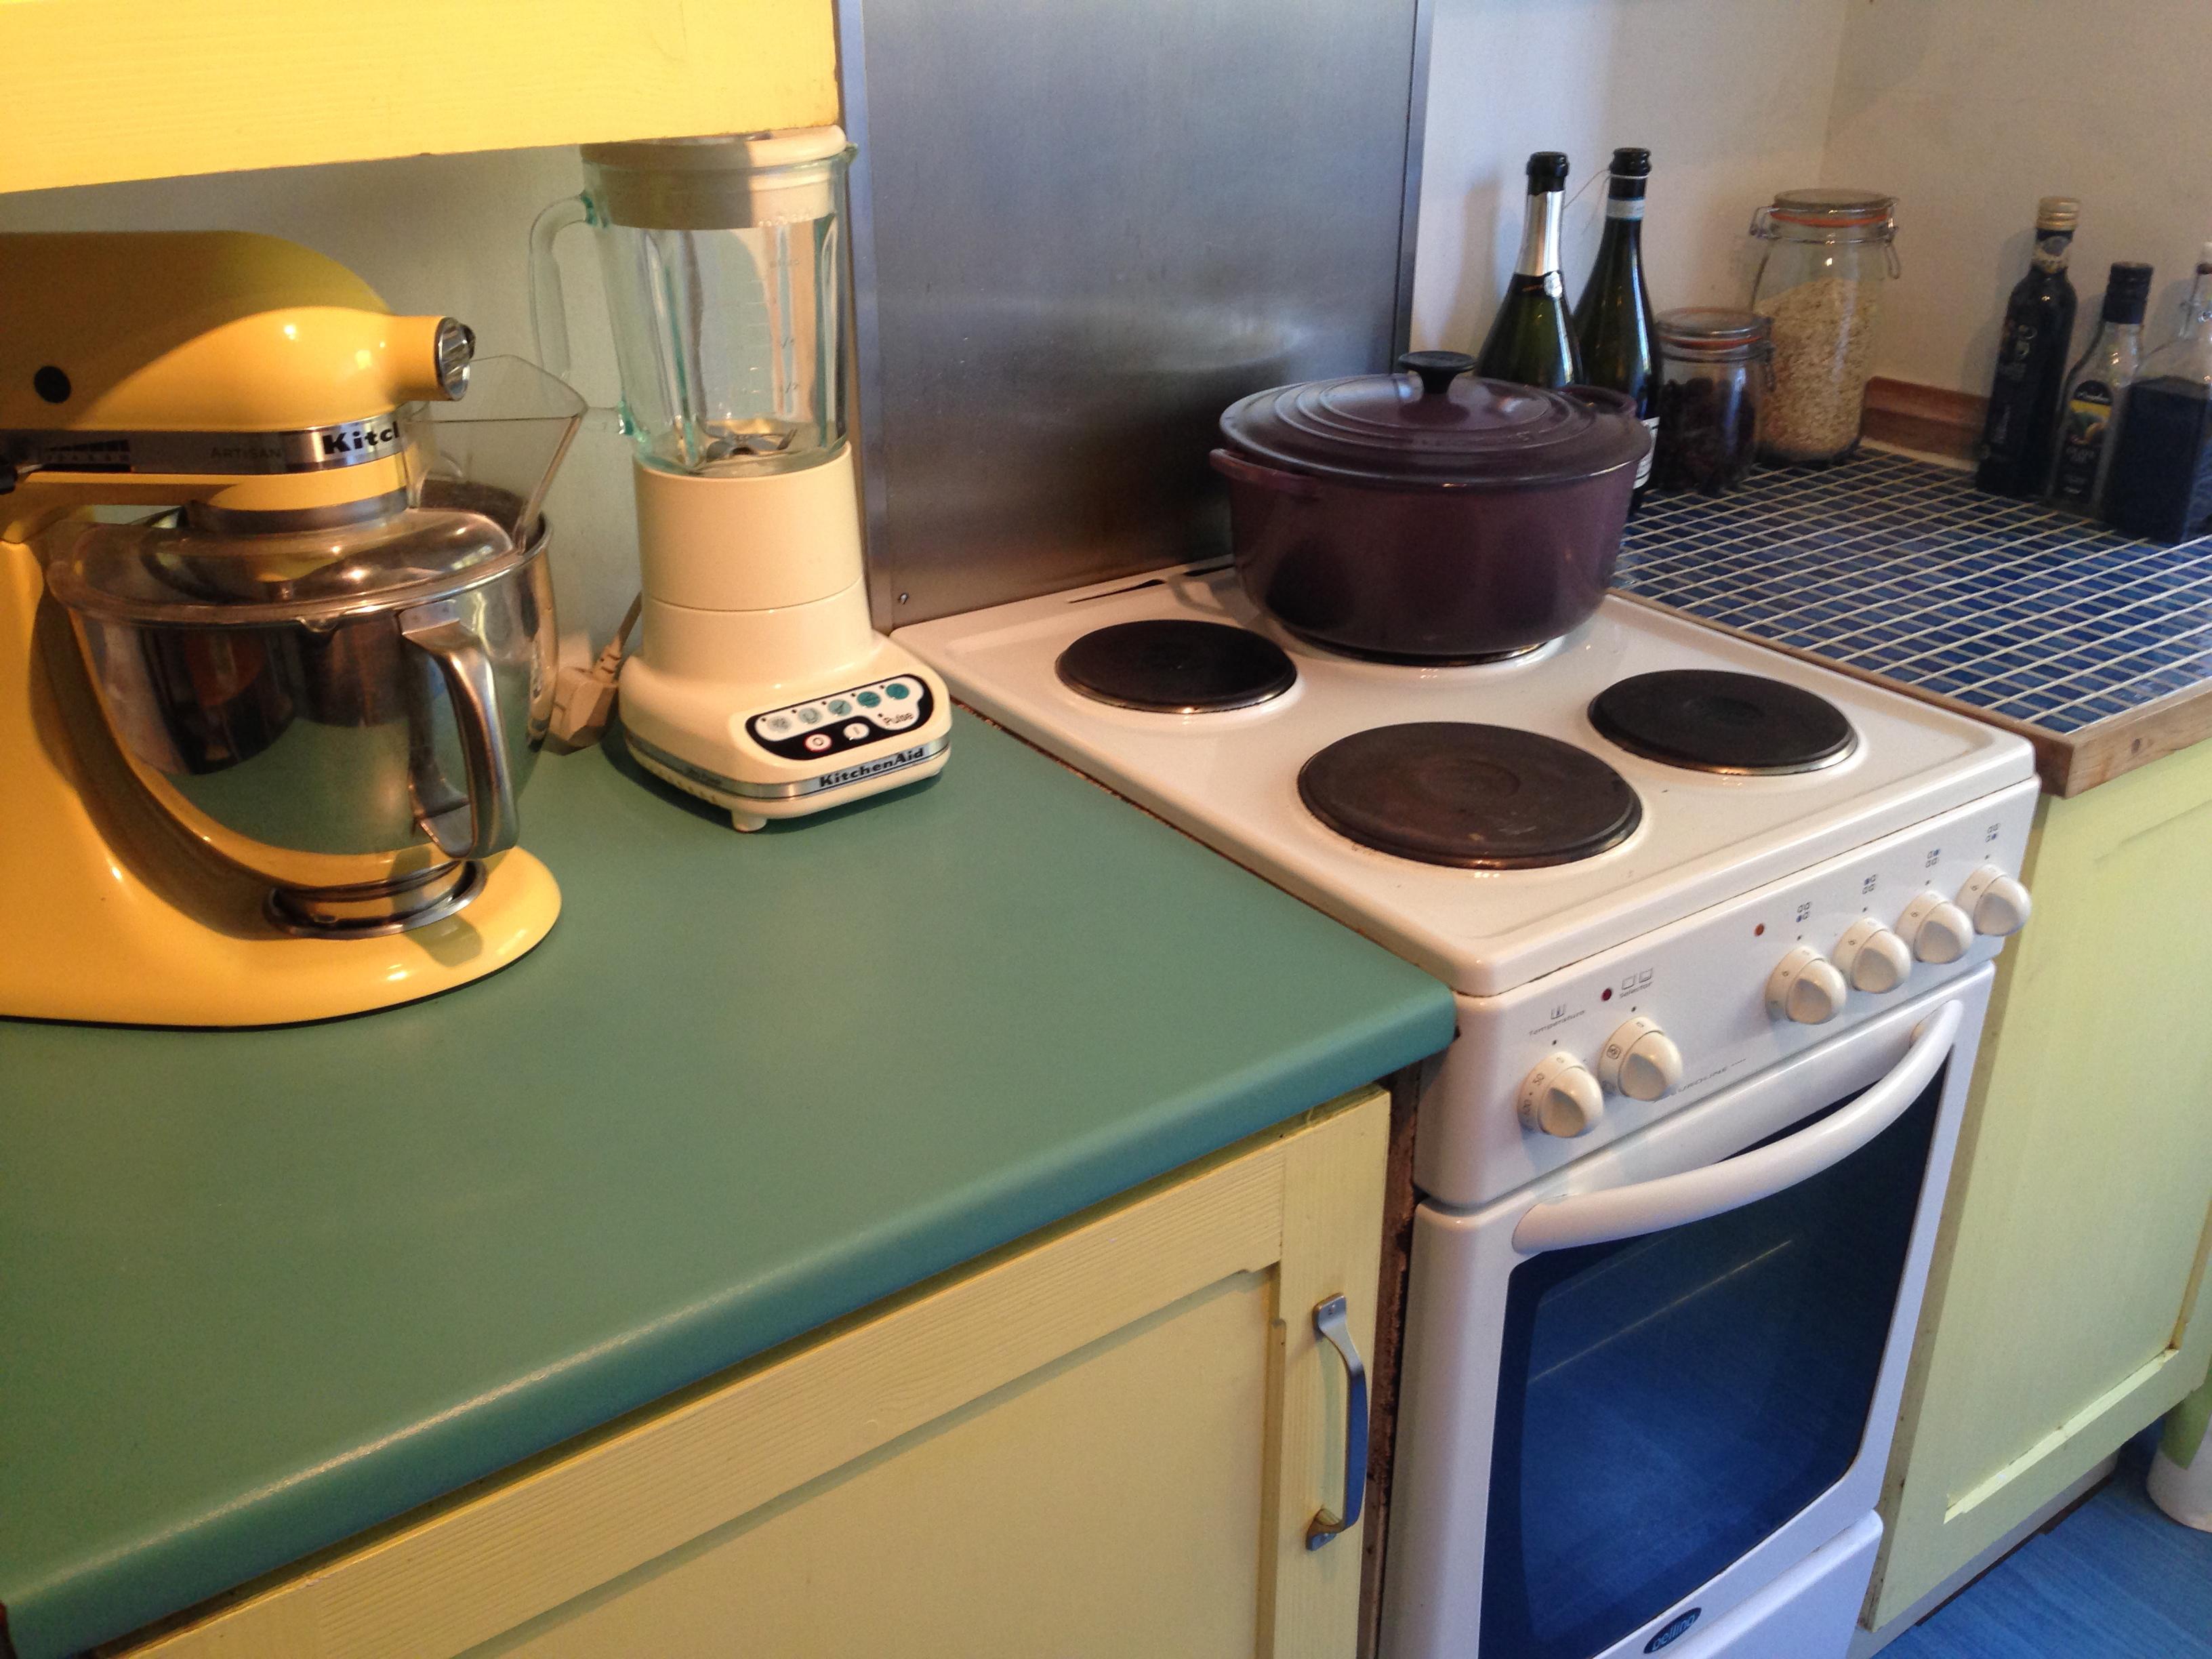 Yellow kitchen aid mixer